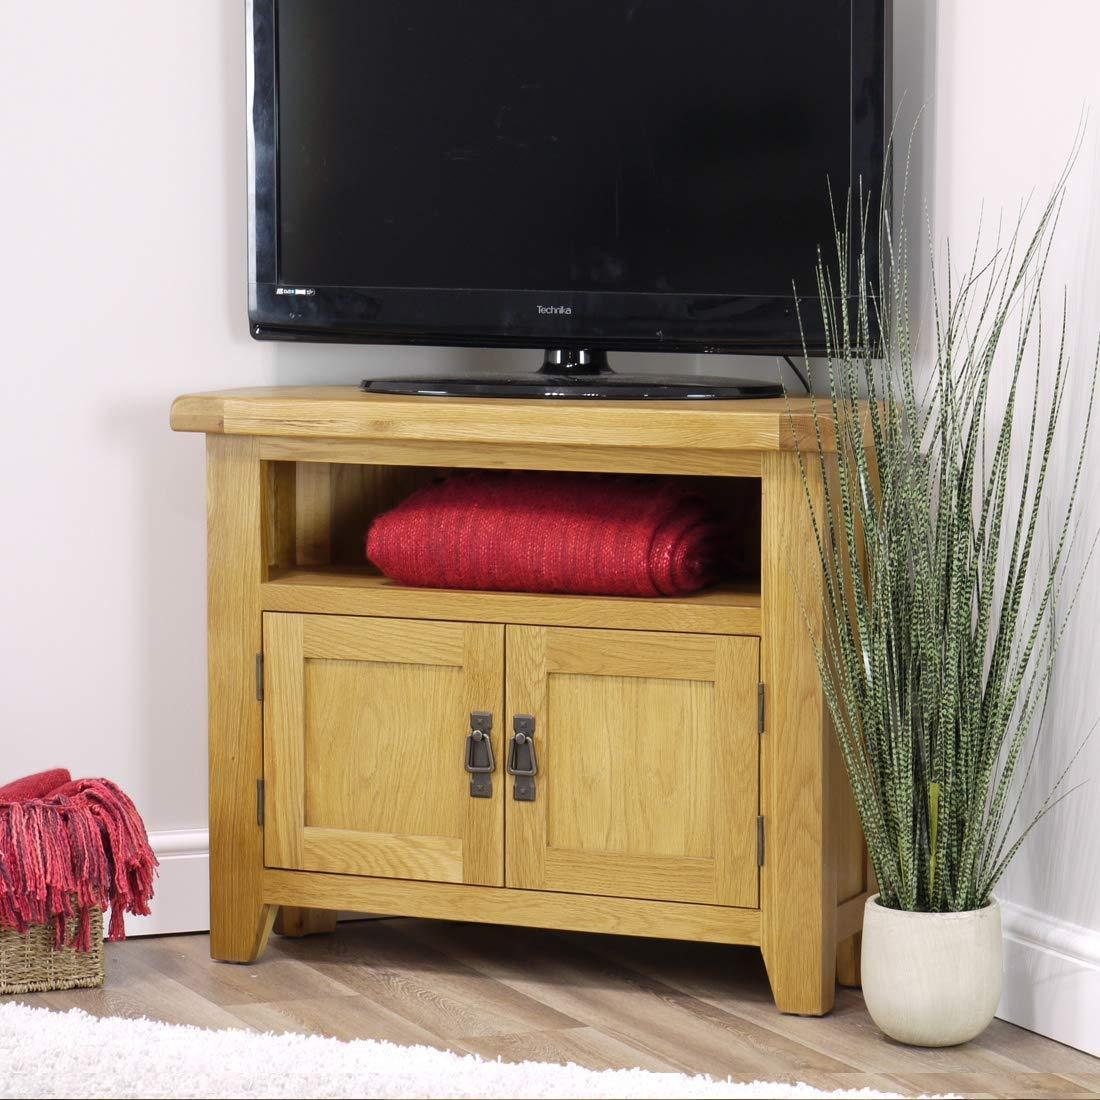 Arklow - Mueble esquinero para TV, de roble: Amazon.es: Hogar